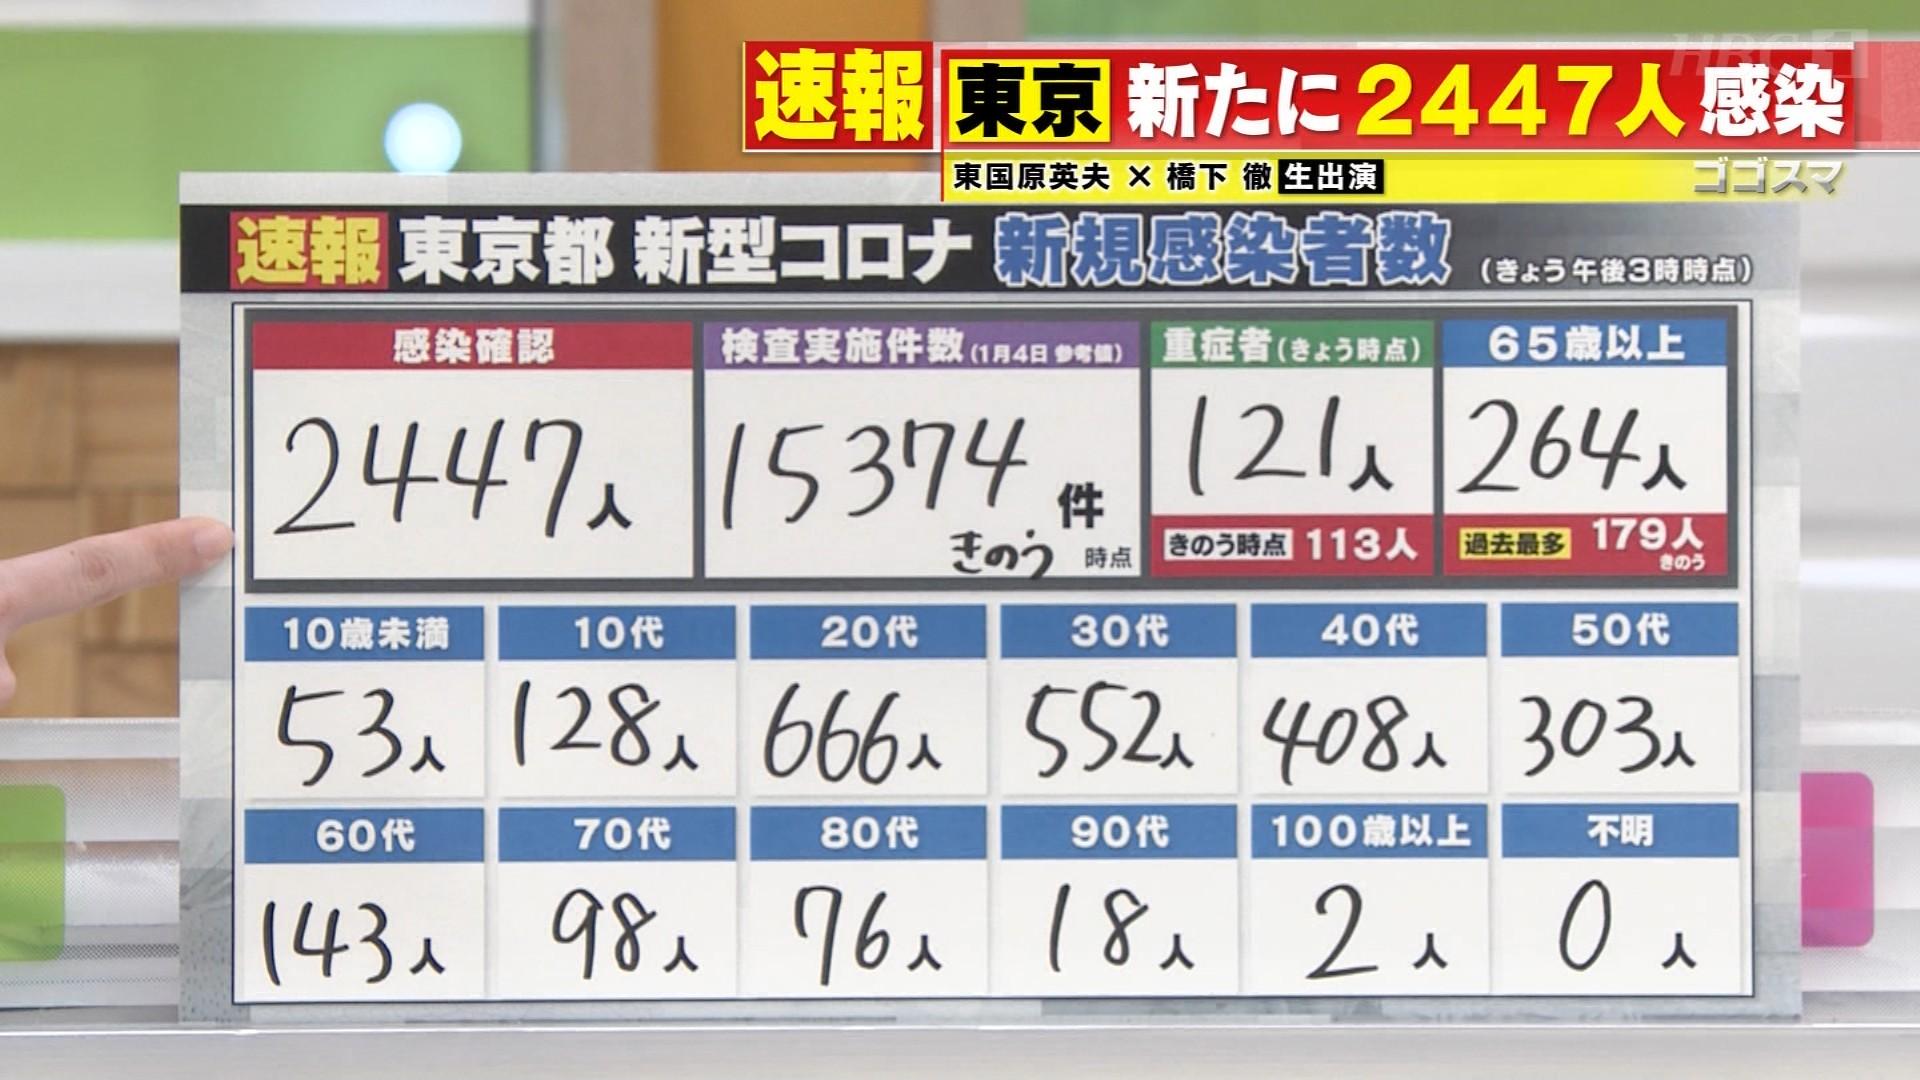 【速報】東京+2447人 ★8  [おさえ★]